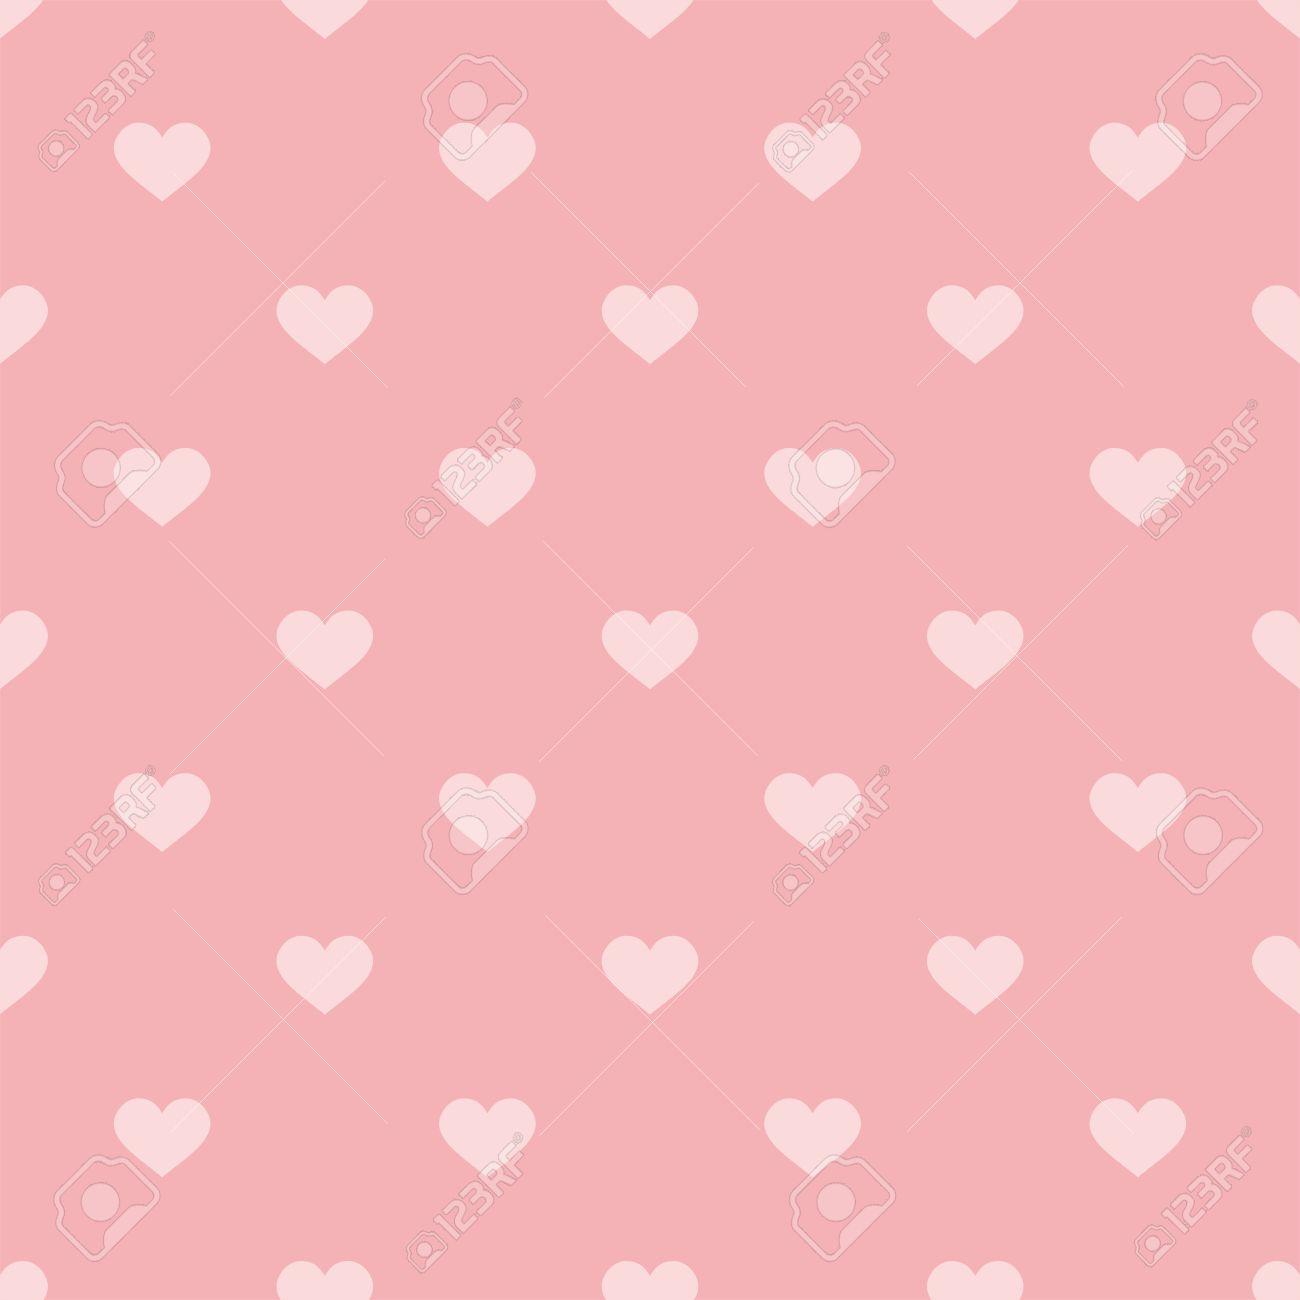 タイルのシームレスな装飾壁紙のパステル背景にピンクの心とかわいい